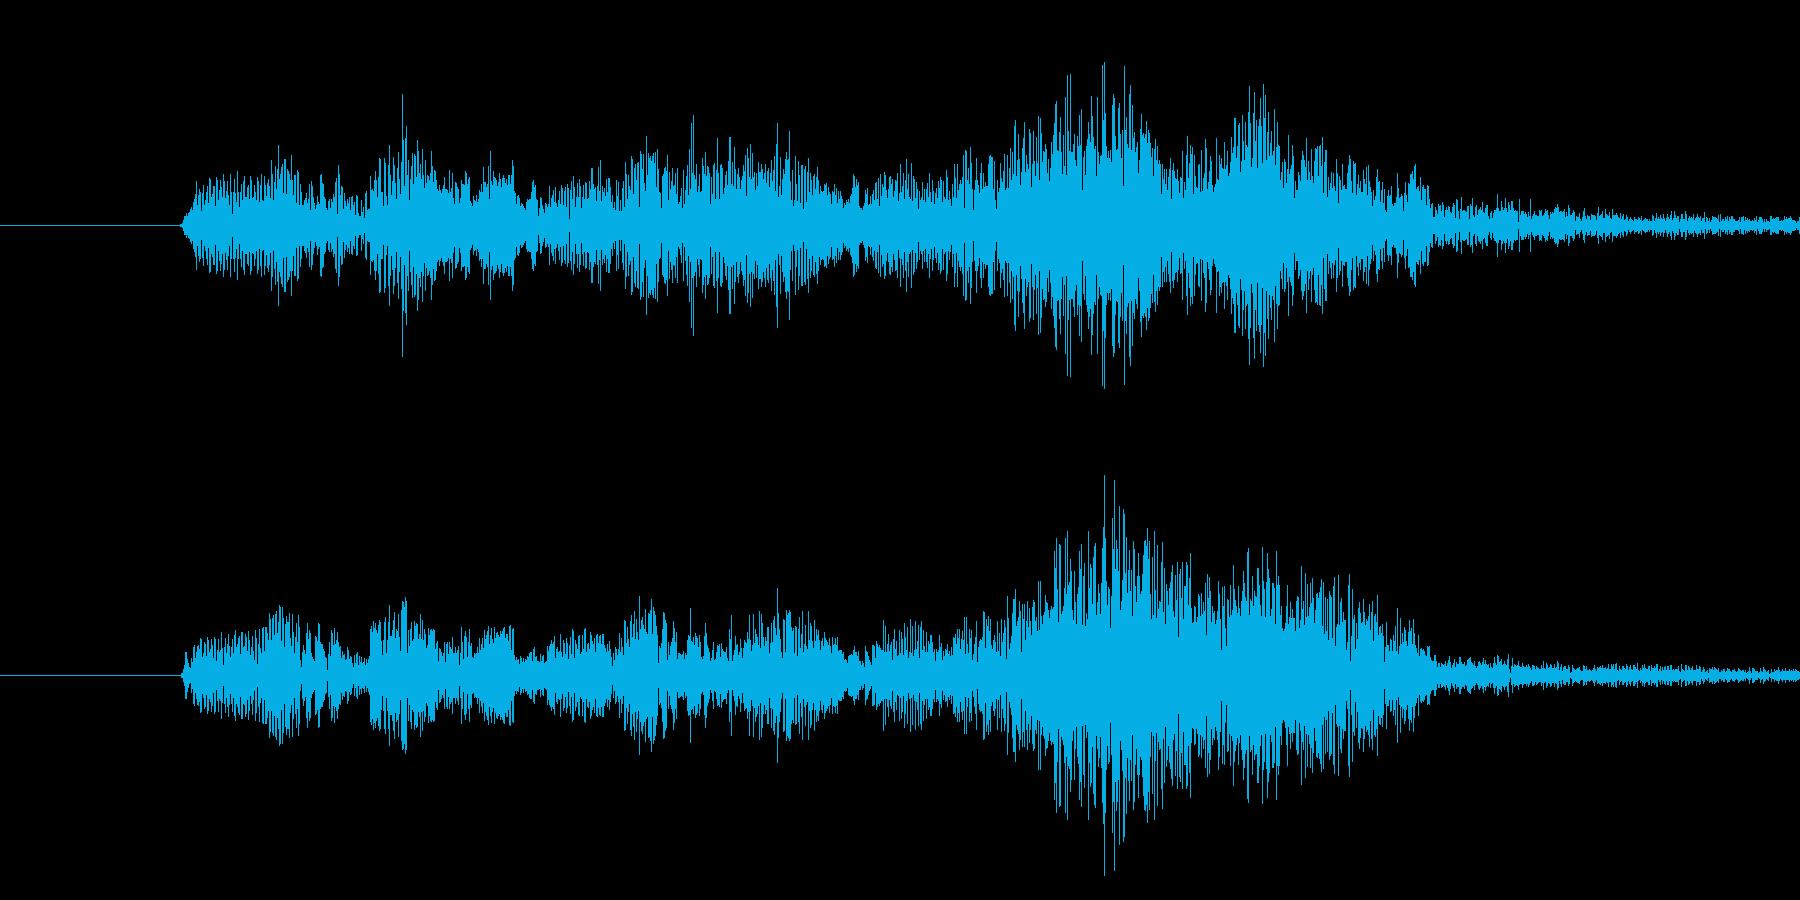 ドゥリンドゥリンドゥリンの再生済みの波形